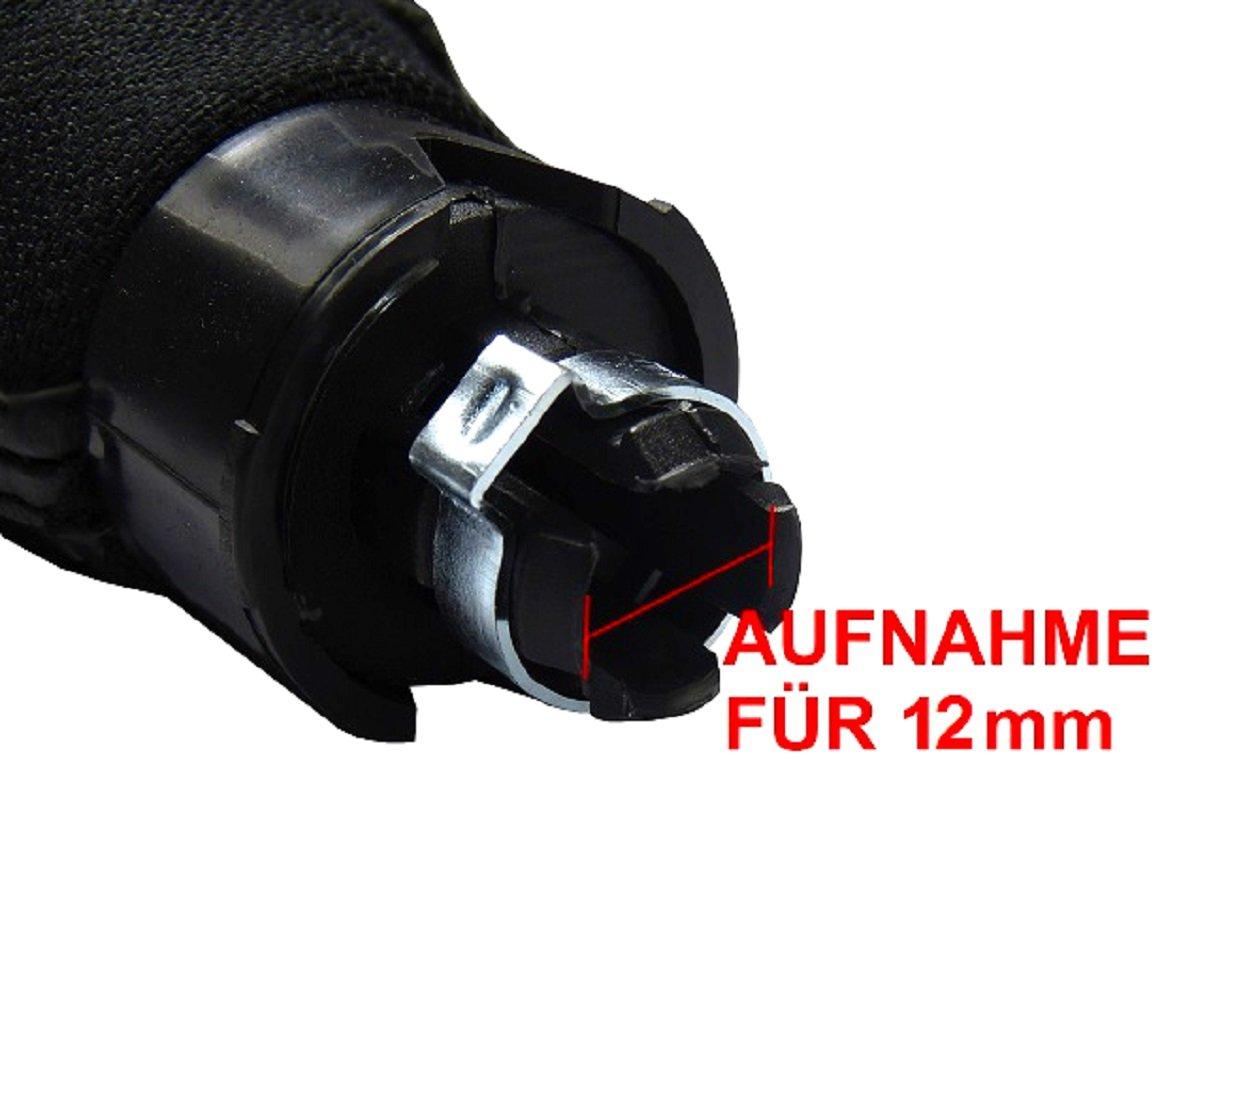 /4/Piel Piel perforado palanca de cambios Palanca Cambios en rojo y negro con 5/velocidades 12/mm Pomo como Plug Play para Notebook L /& P A260/